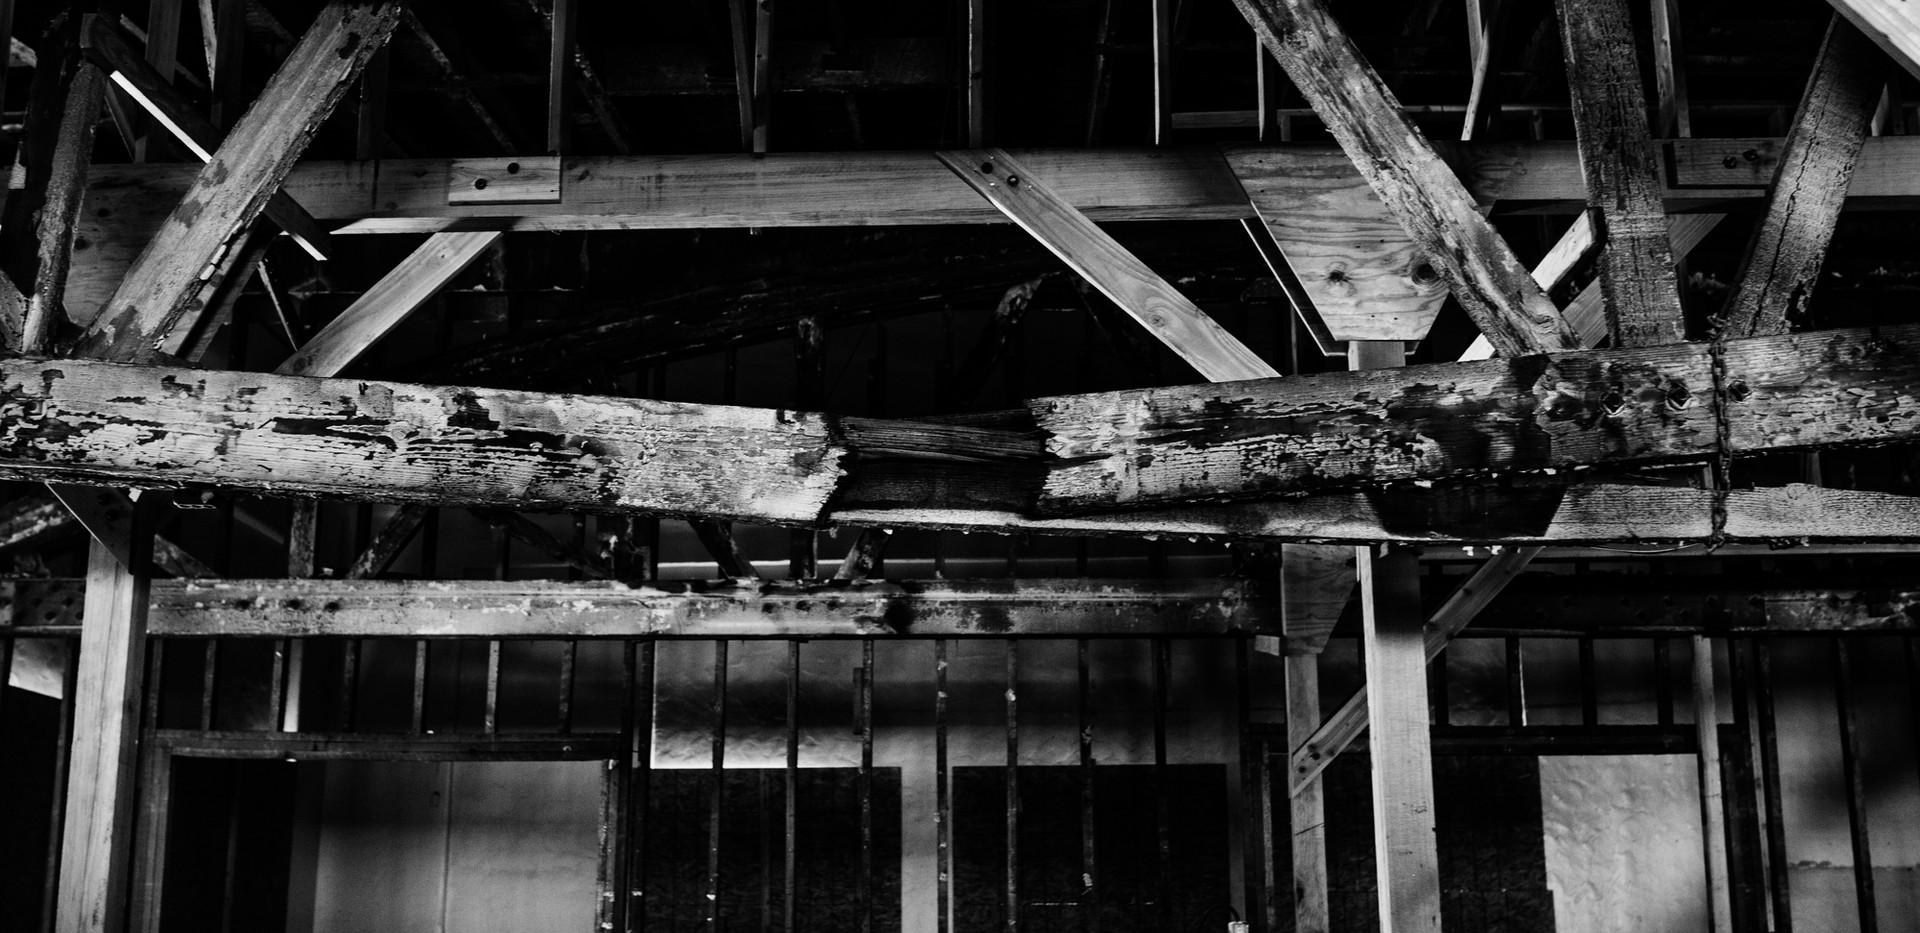 2015 - Broken beam